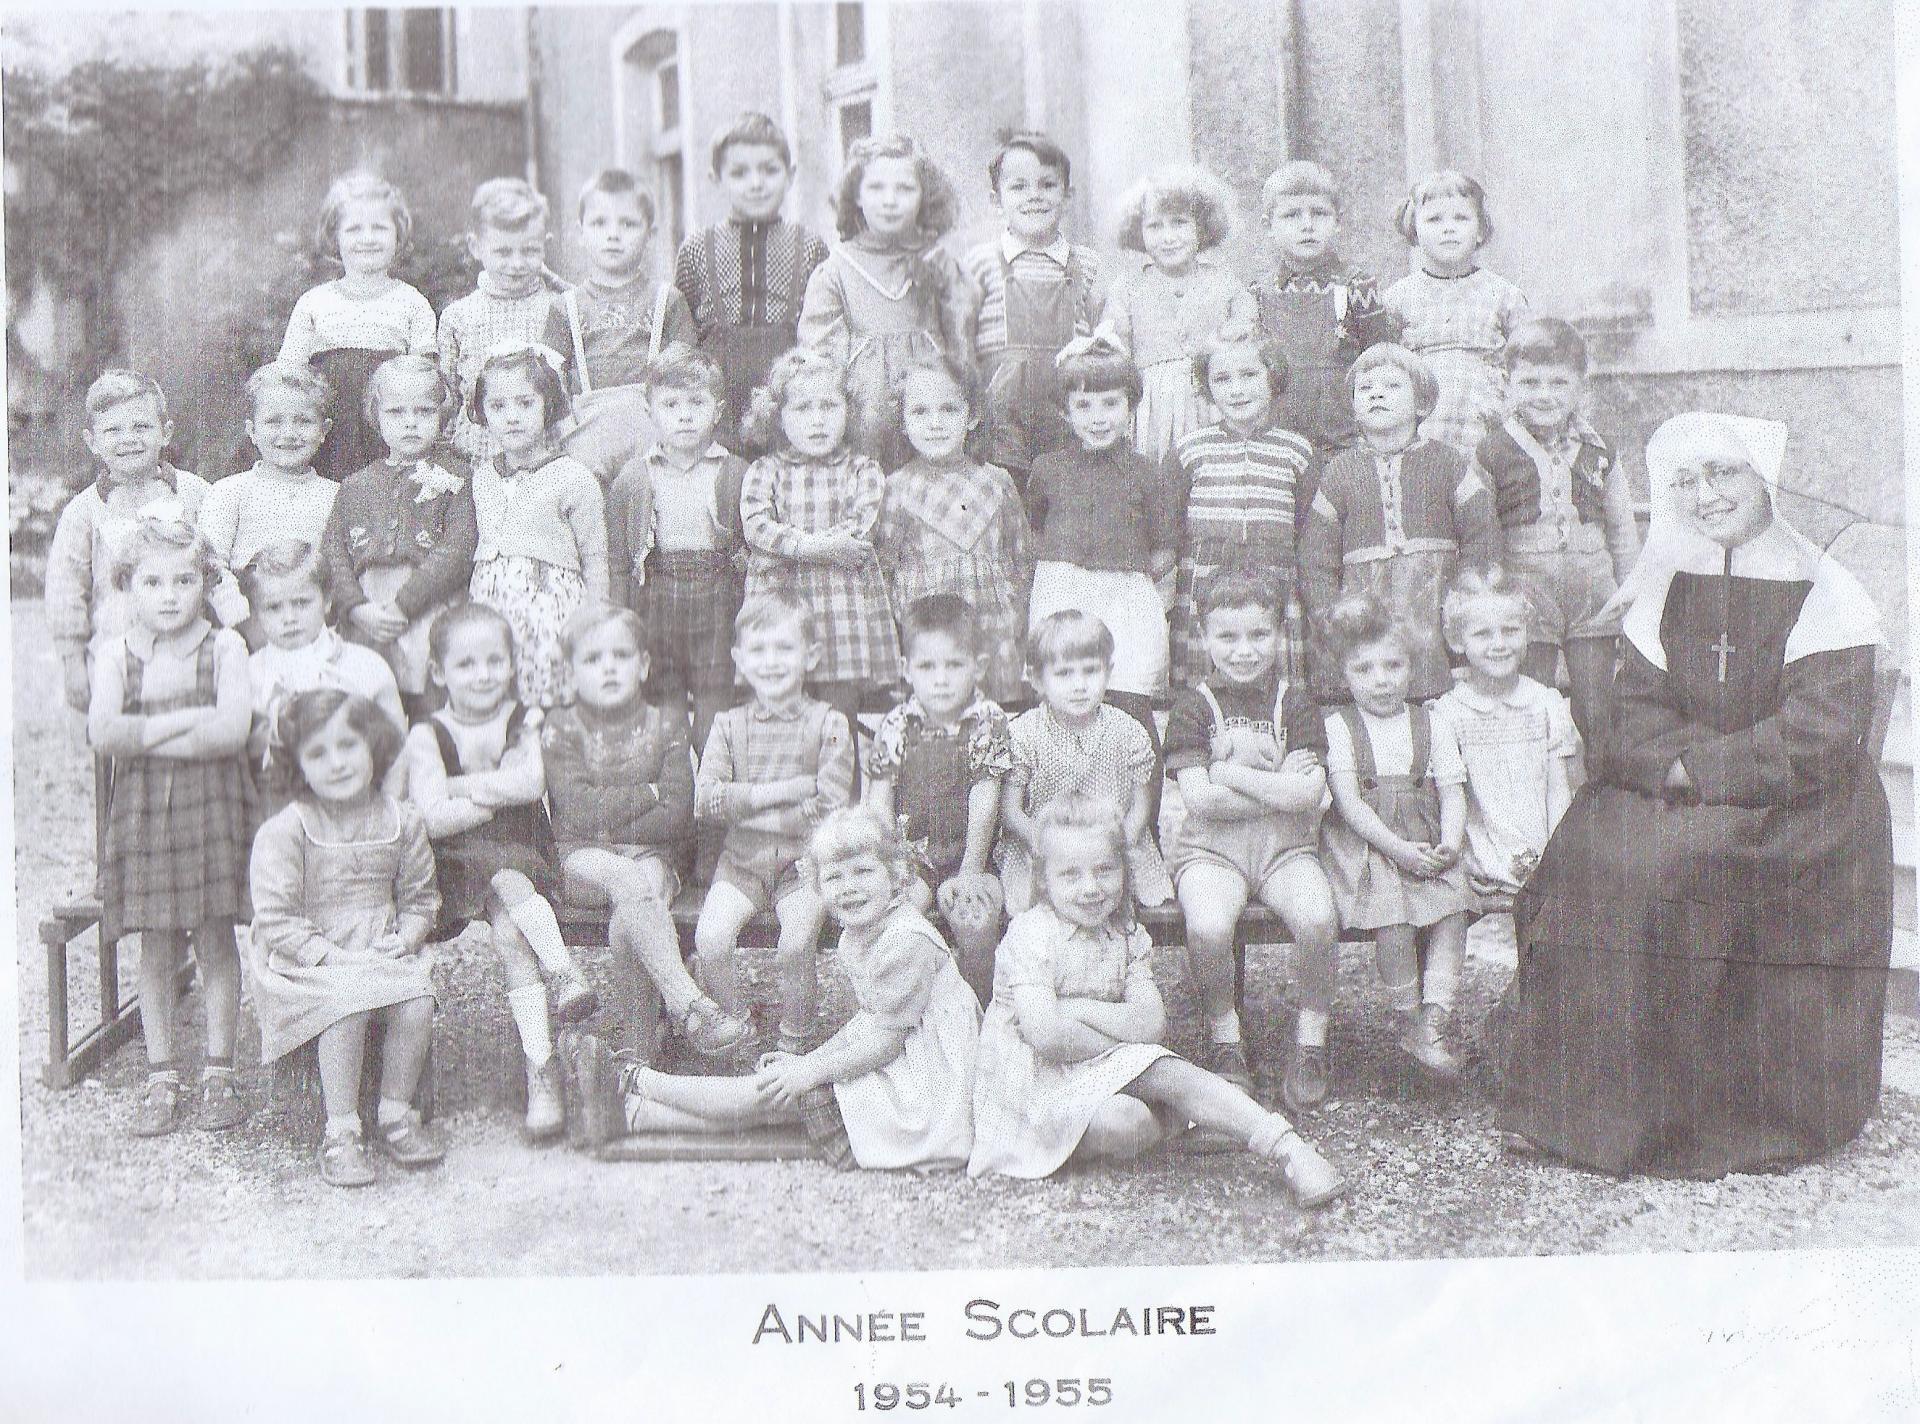 Anne e scolaire 1954 1955